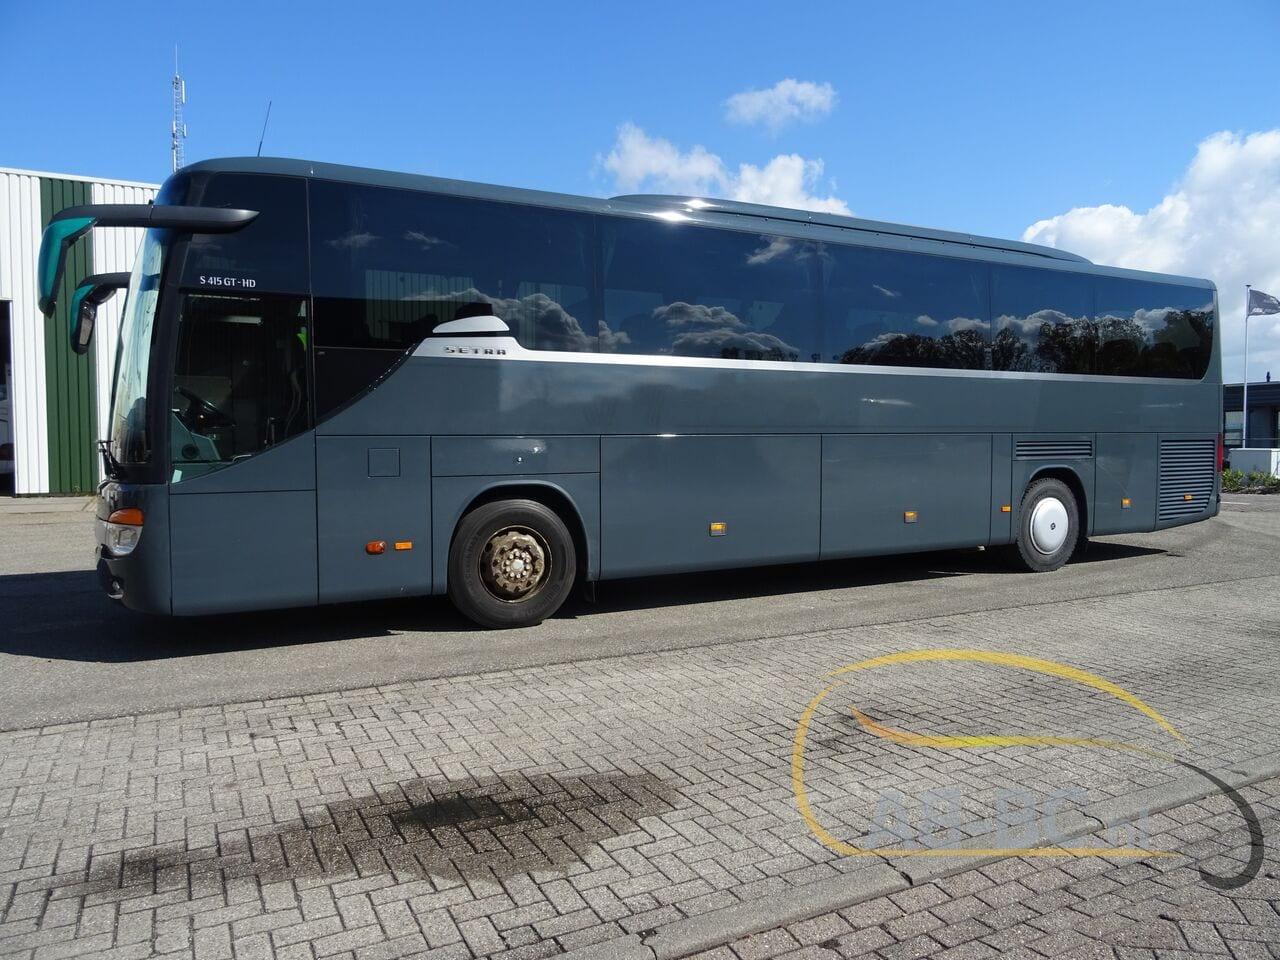 coach-busSETRA-S415-GT-HD-FINAL-EDITION-51-SEATS-LIFTBUS---1620381852124137482_big_8c9d720b9a7360faf7d63481590a1b89--21050713010665719300